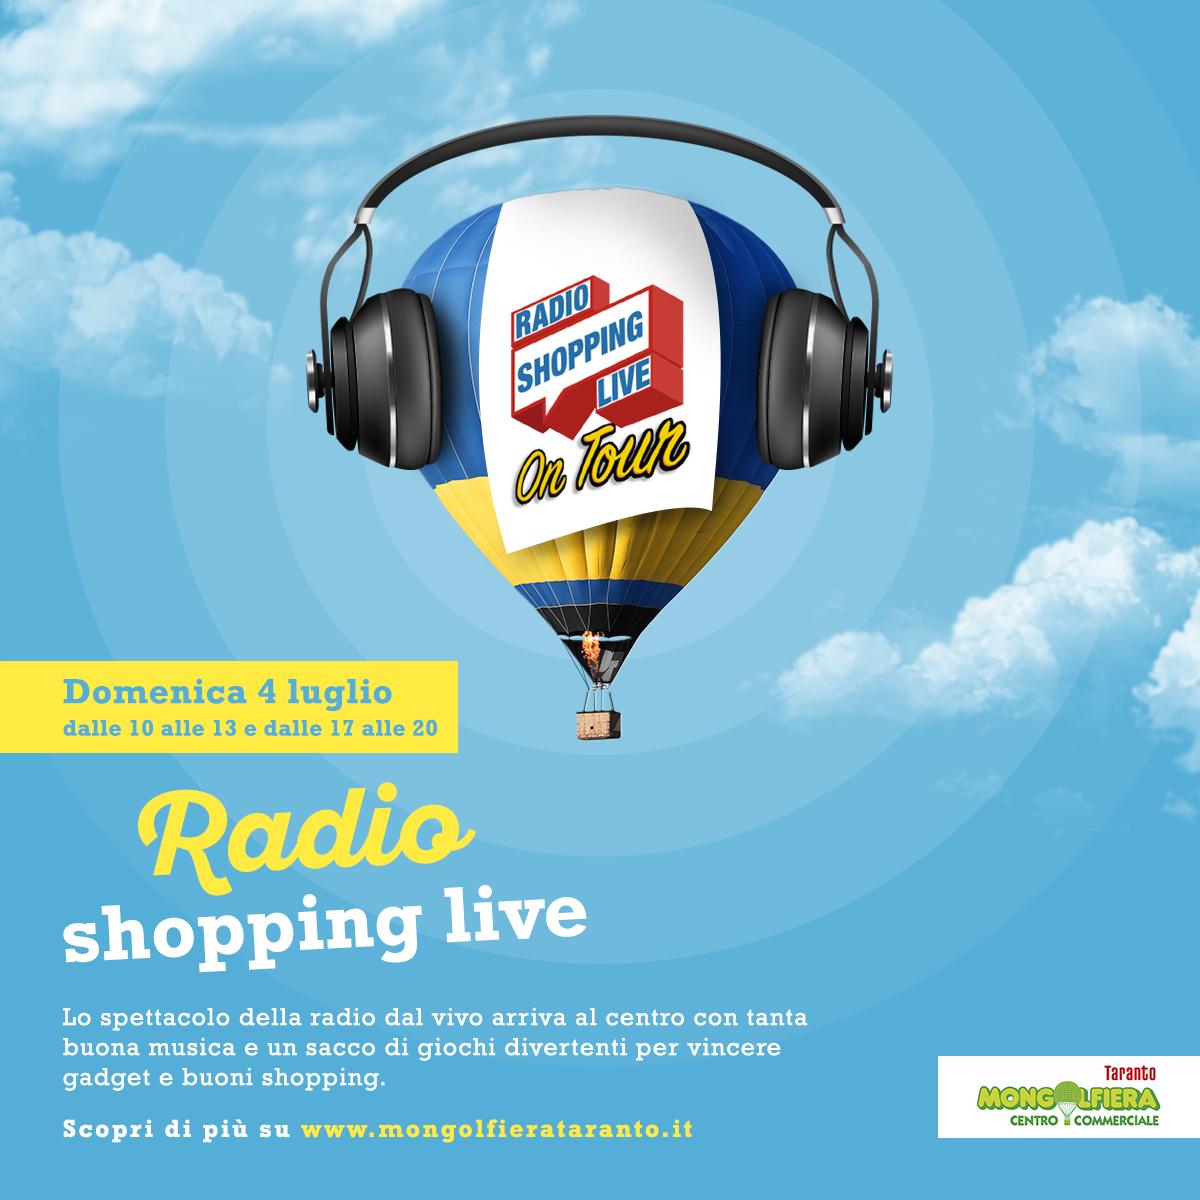 Radio Shopping Live On Tour al Mongofiera Taranto